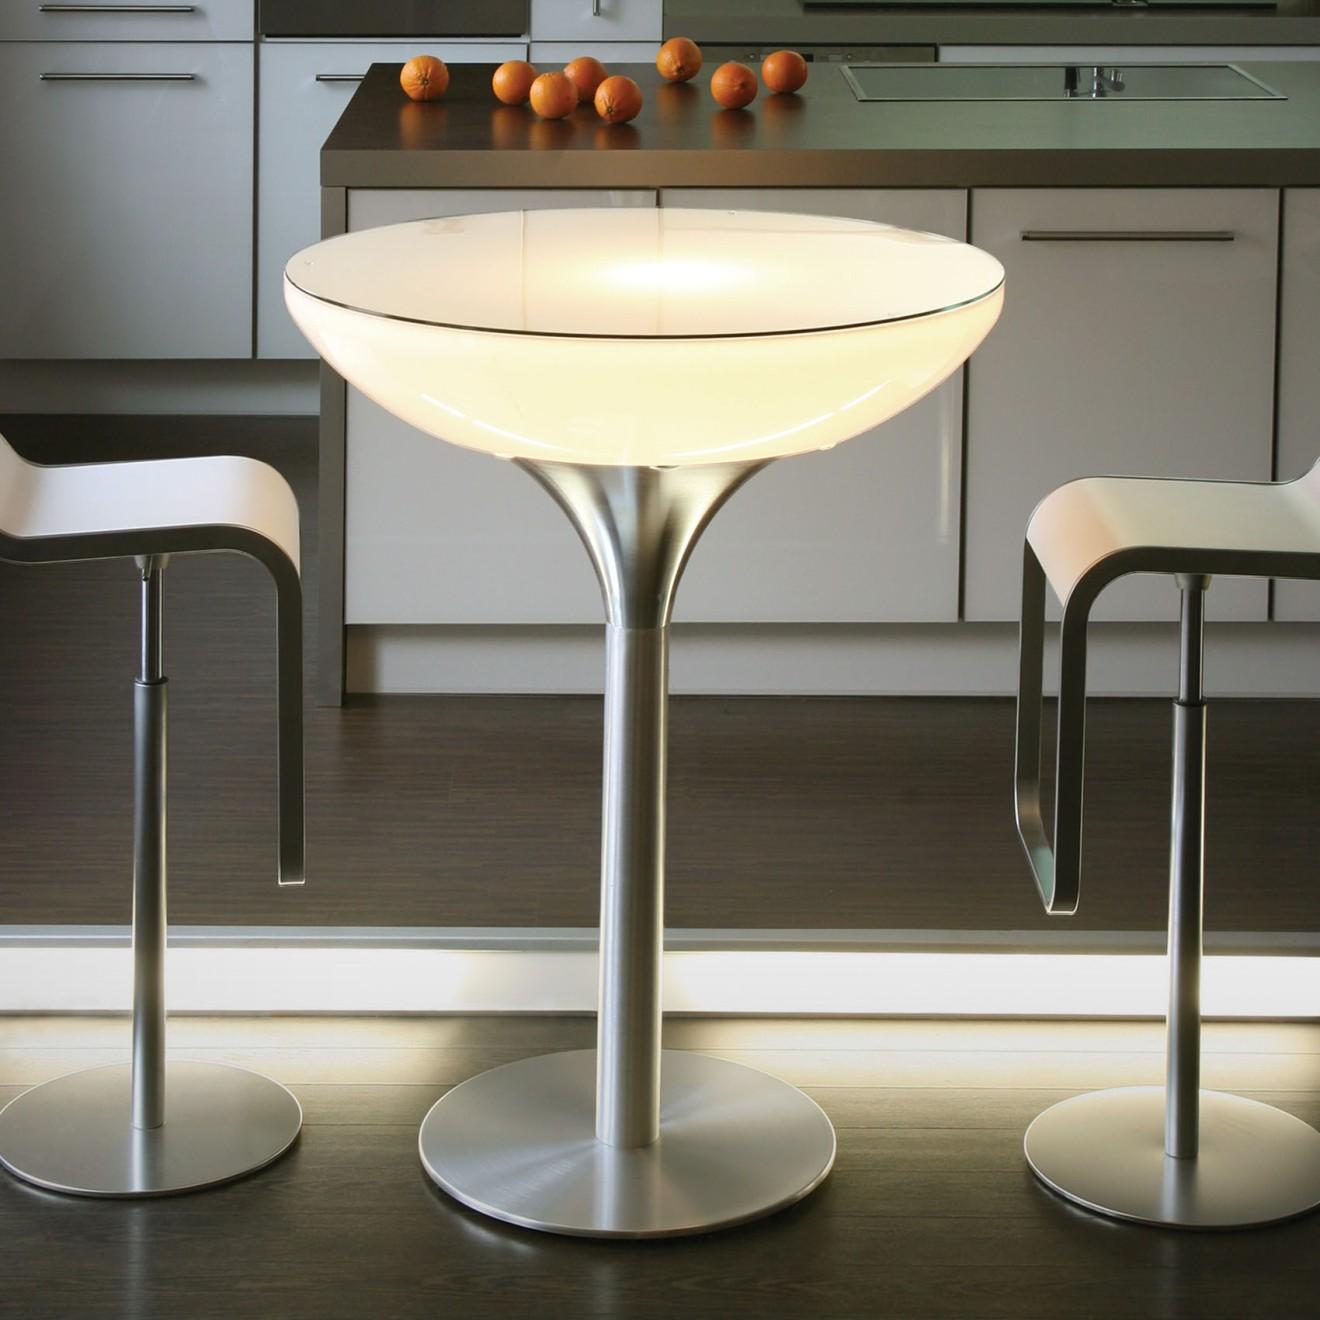 Loungetisch LOUNGE M 105, Home & Light - Exklusives Wohndesign für ...